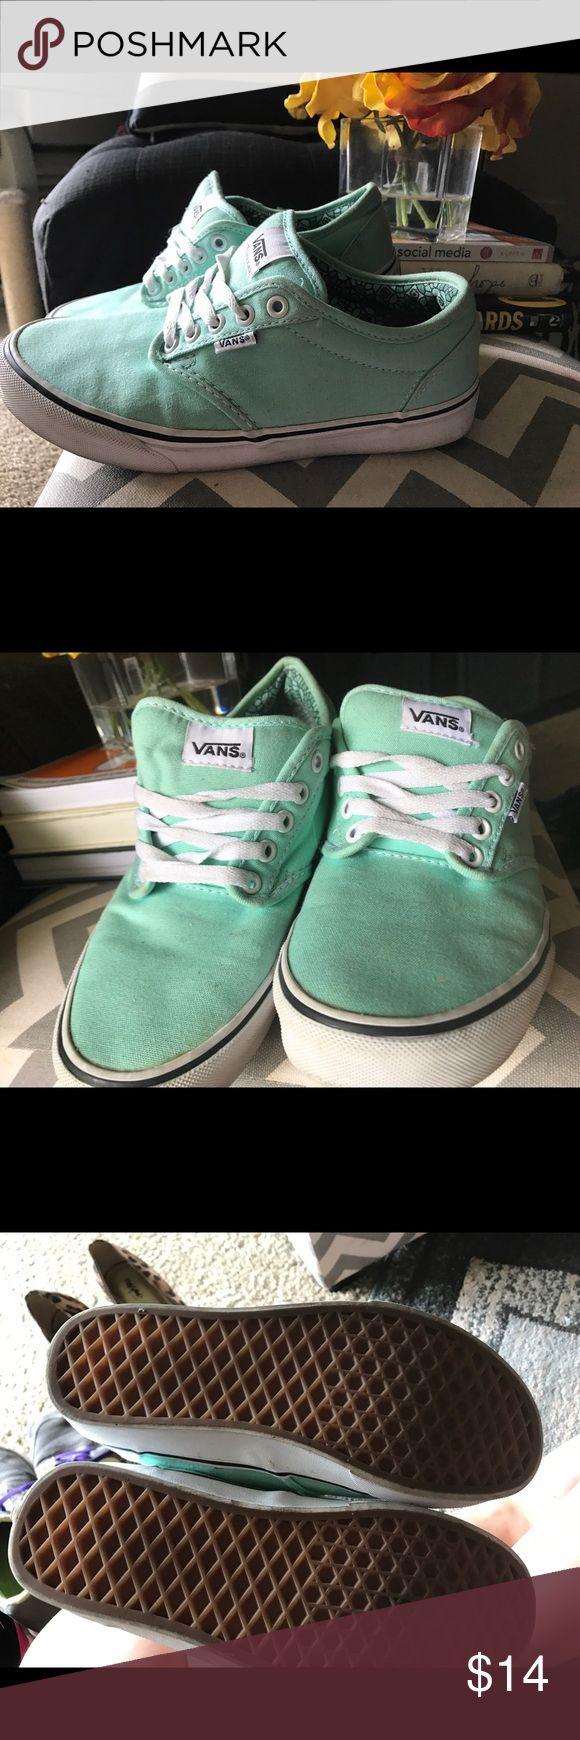 Tiffany blue vans Slightly used Tiffany blue vans Vans Shoes Sneakers